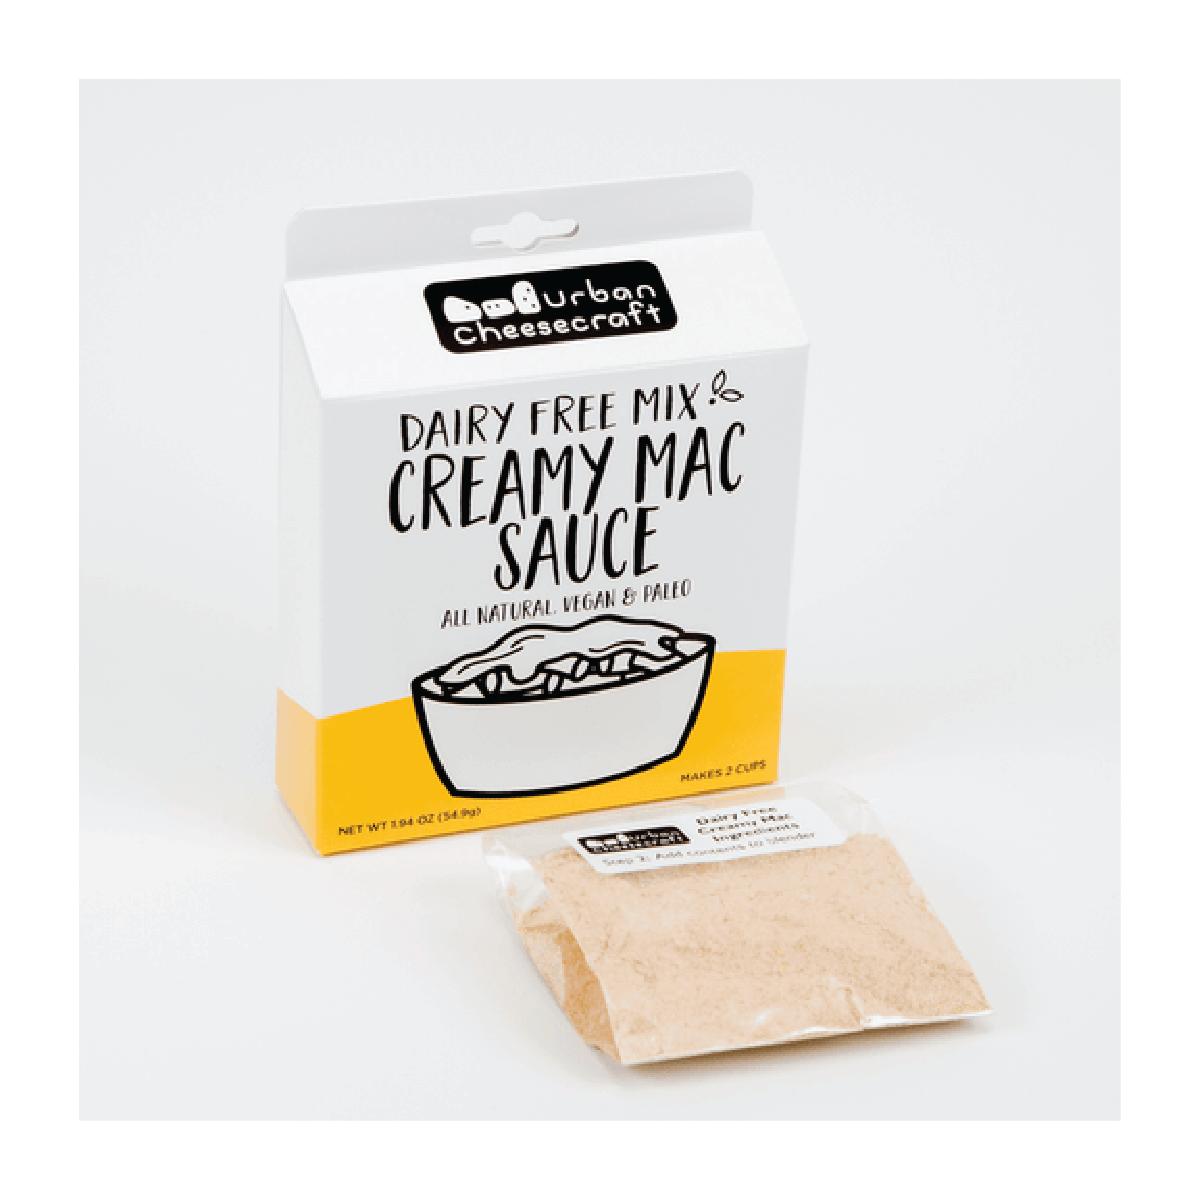 mac sauce-01.png